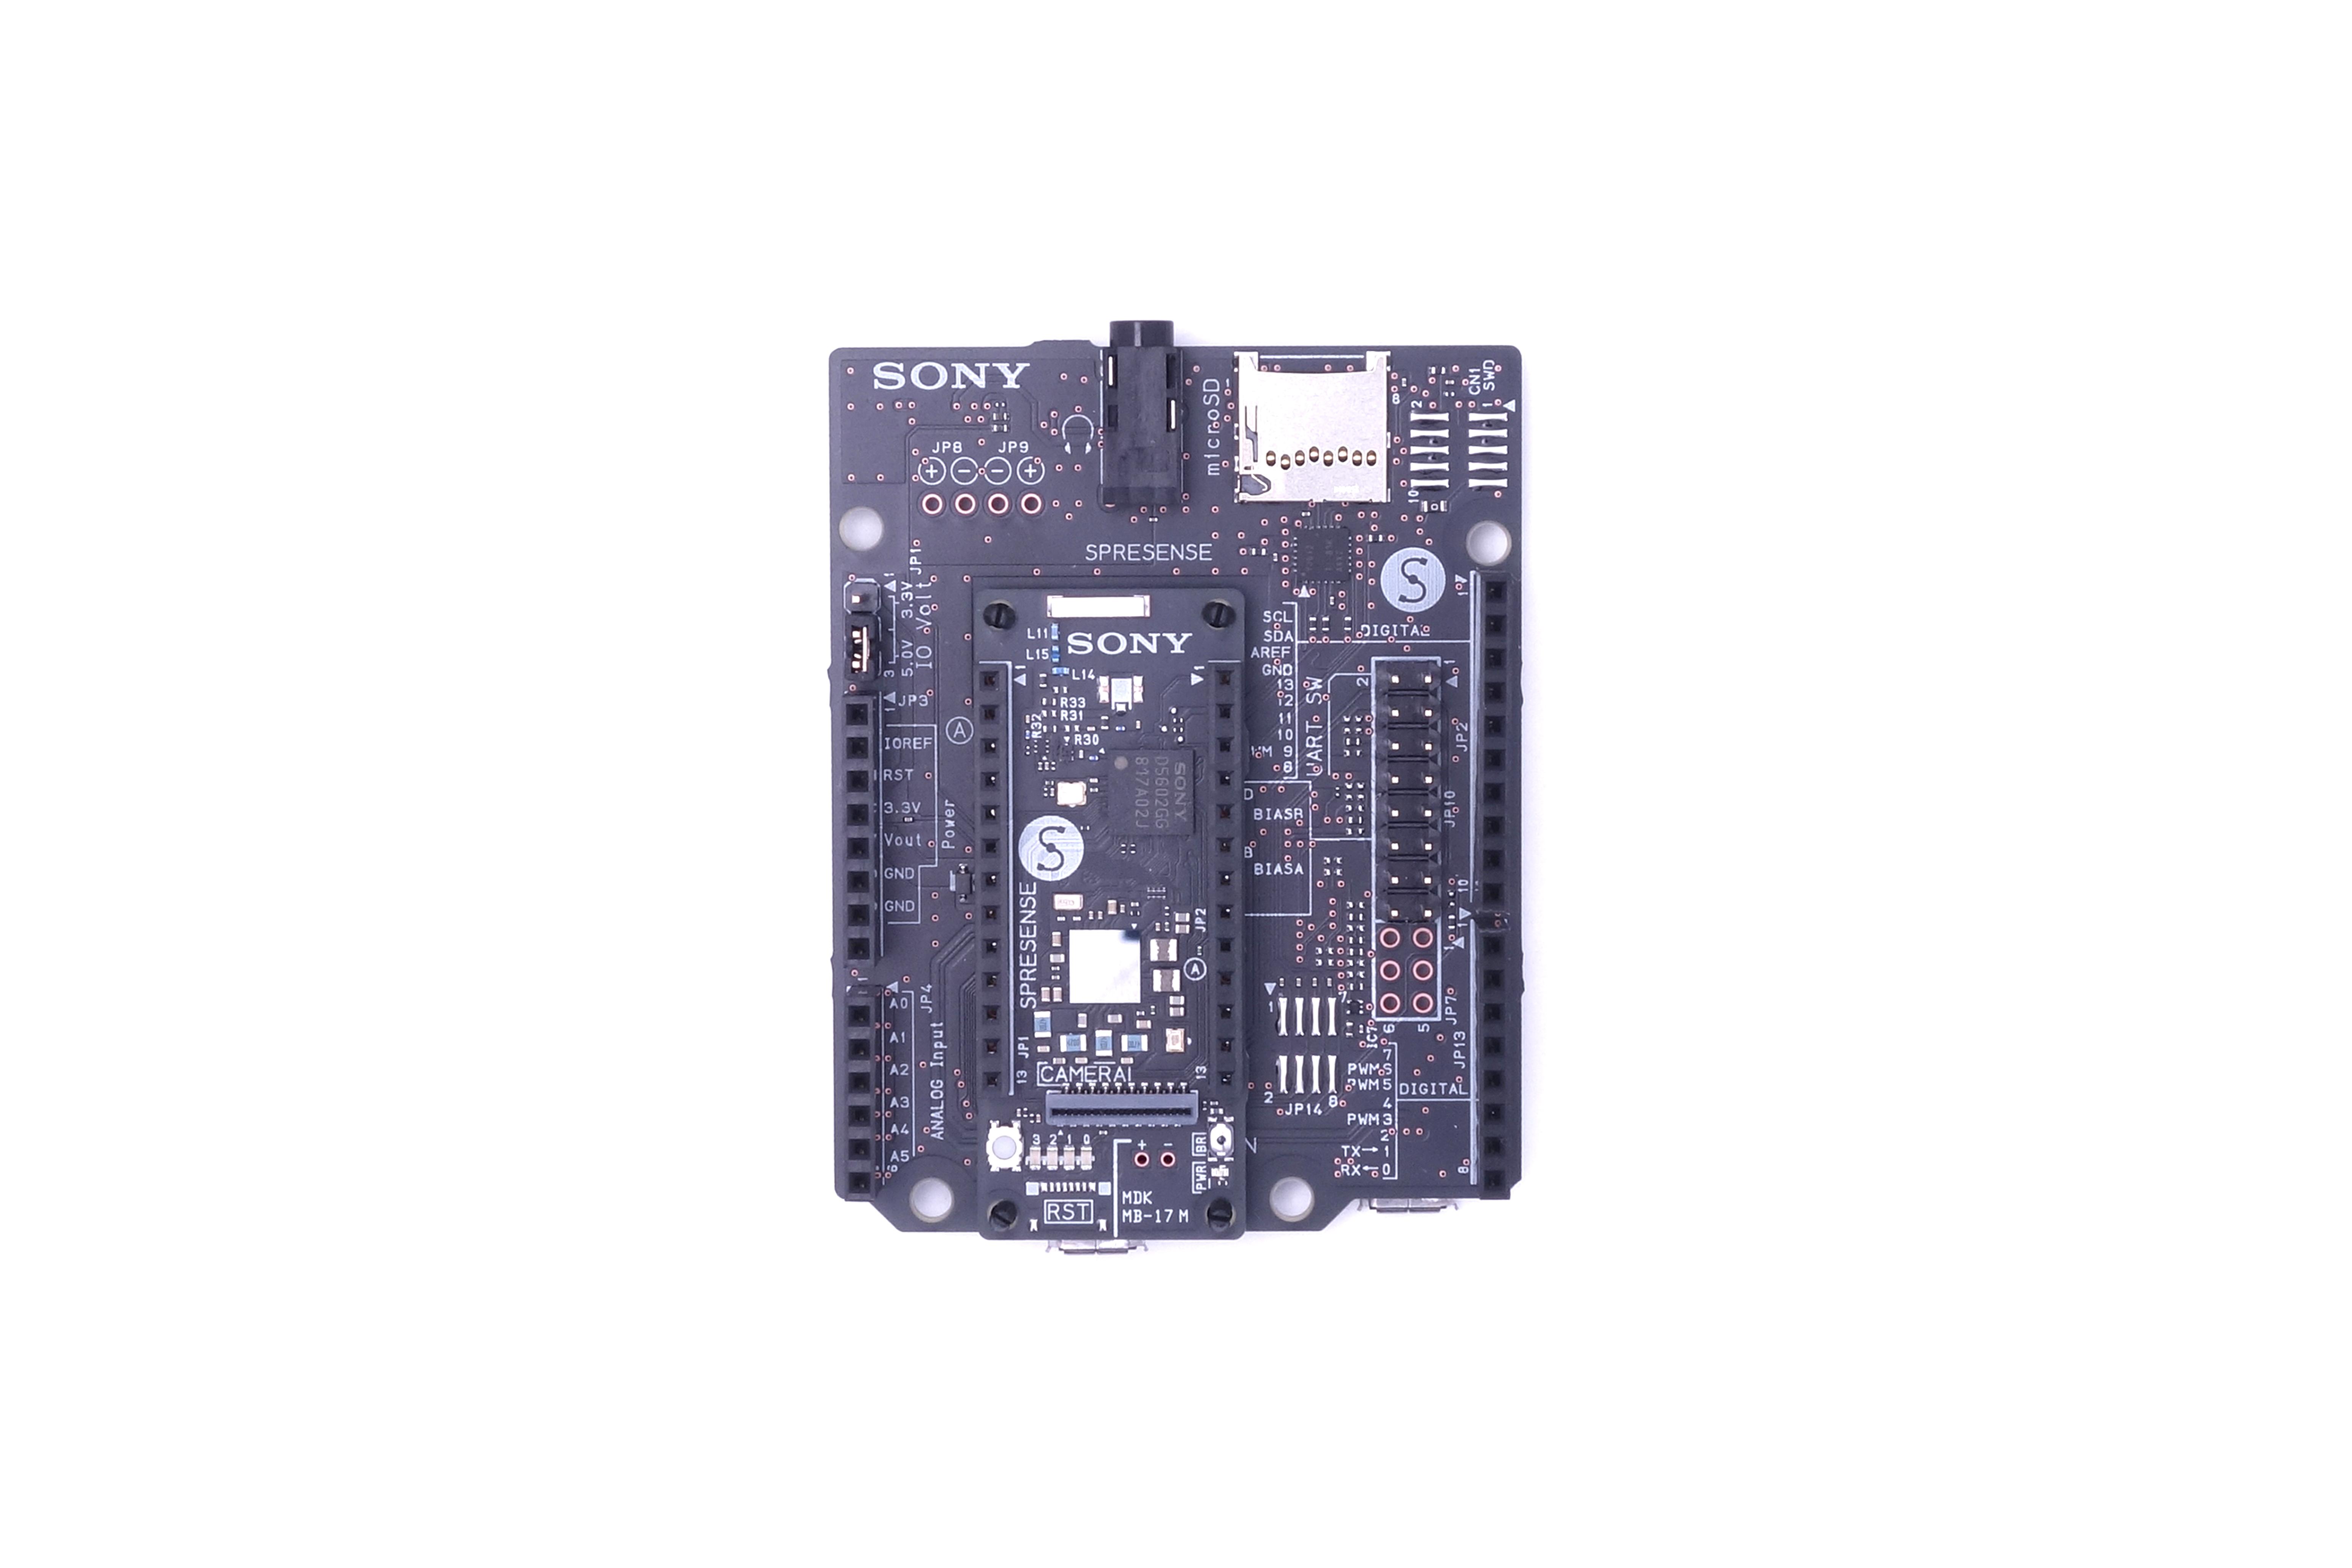 Sony CXD5602PWBMAIN1E Spresense Main Board